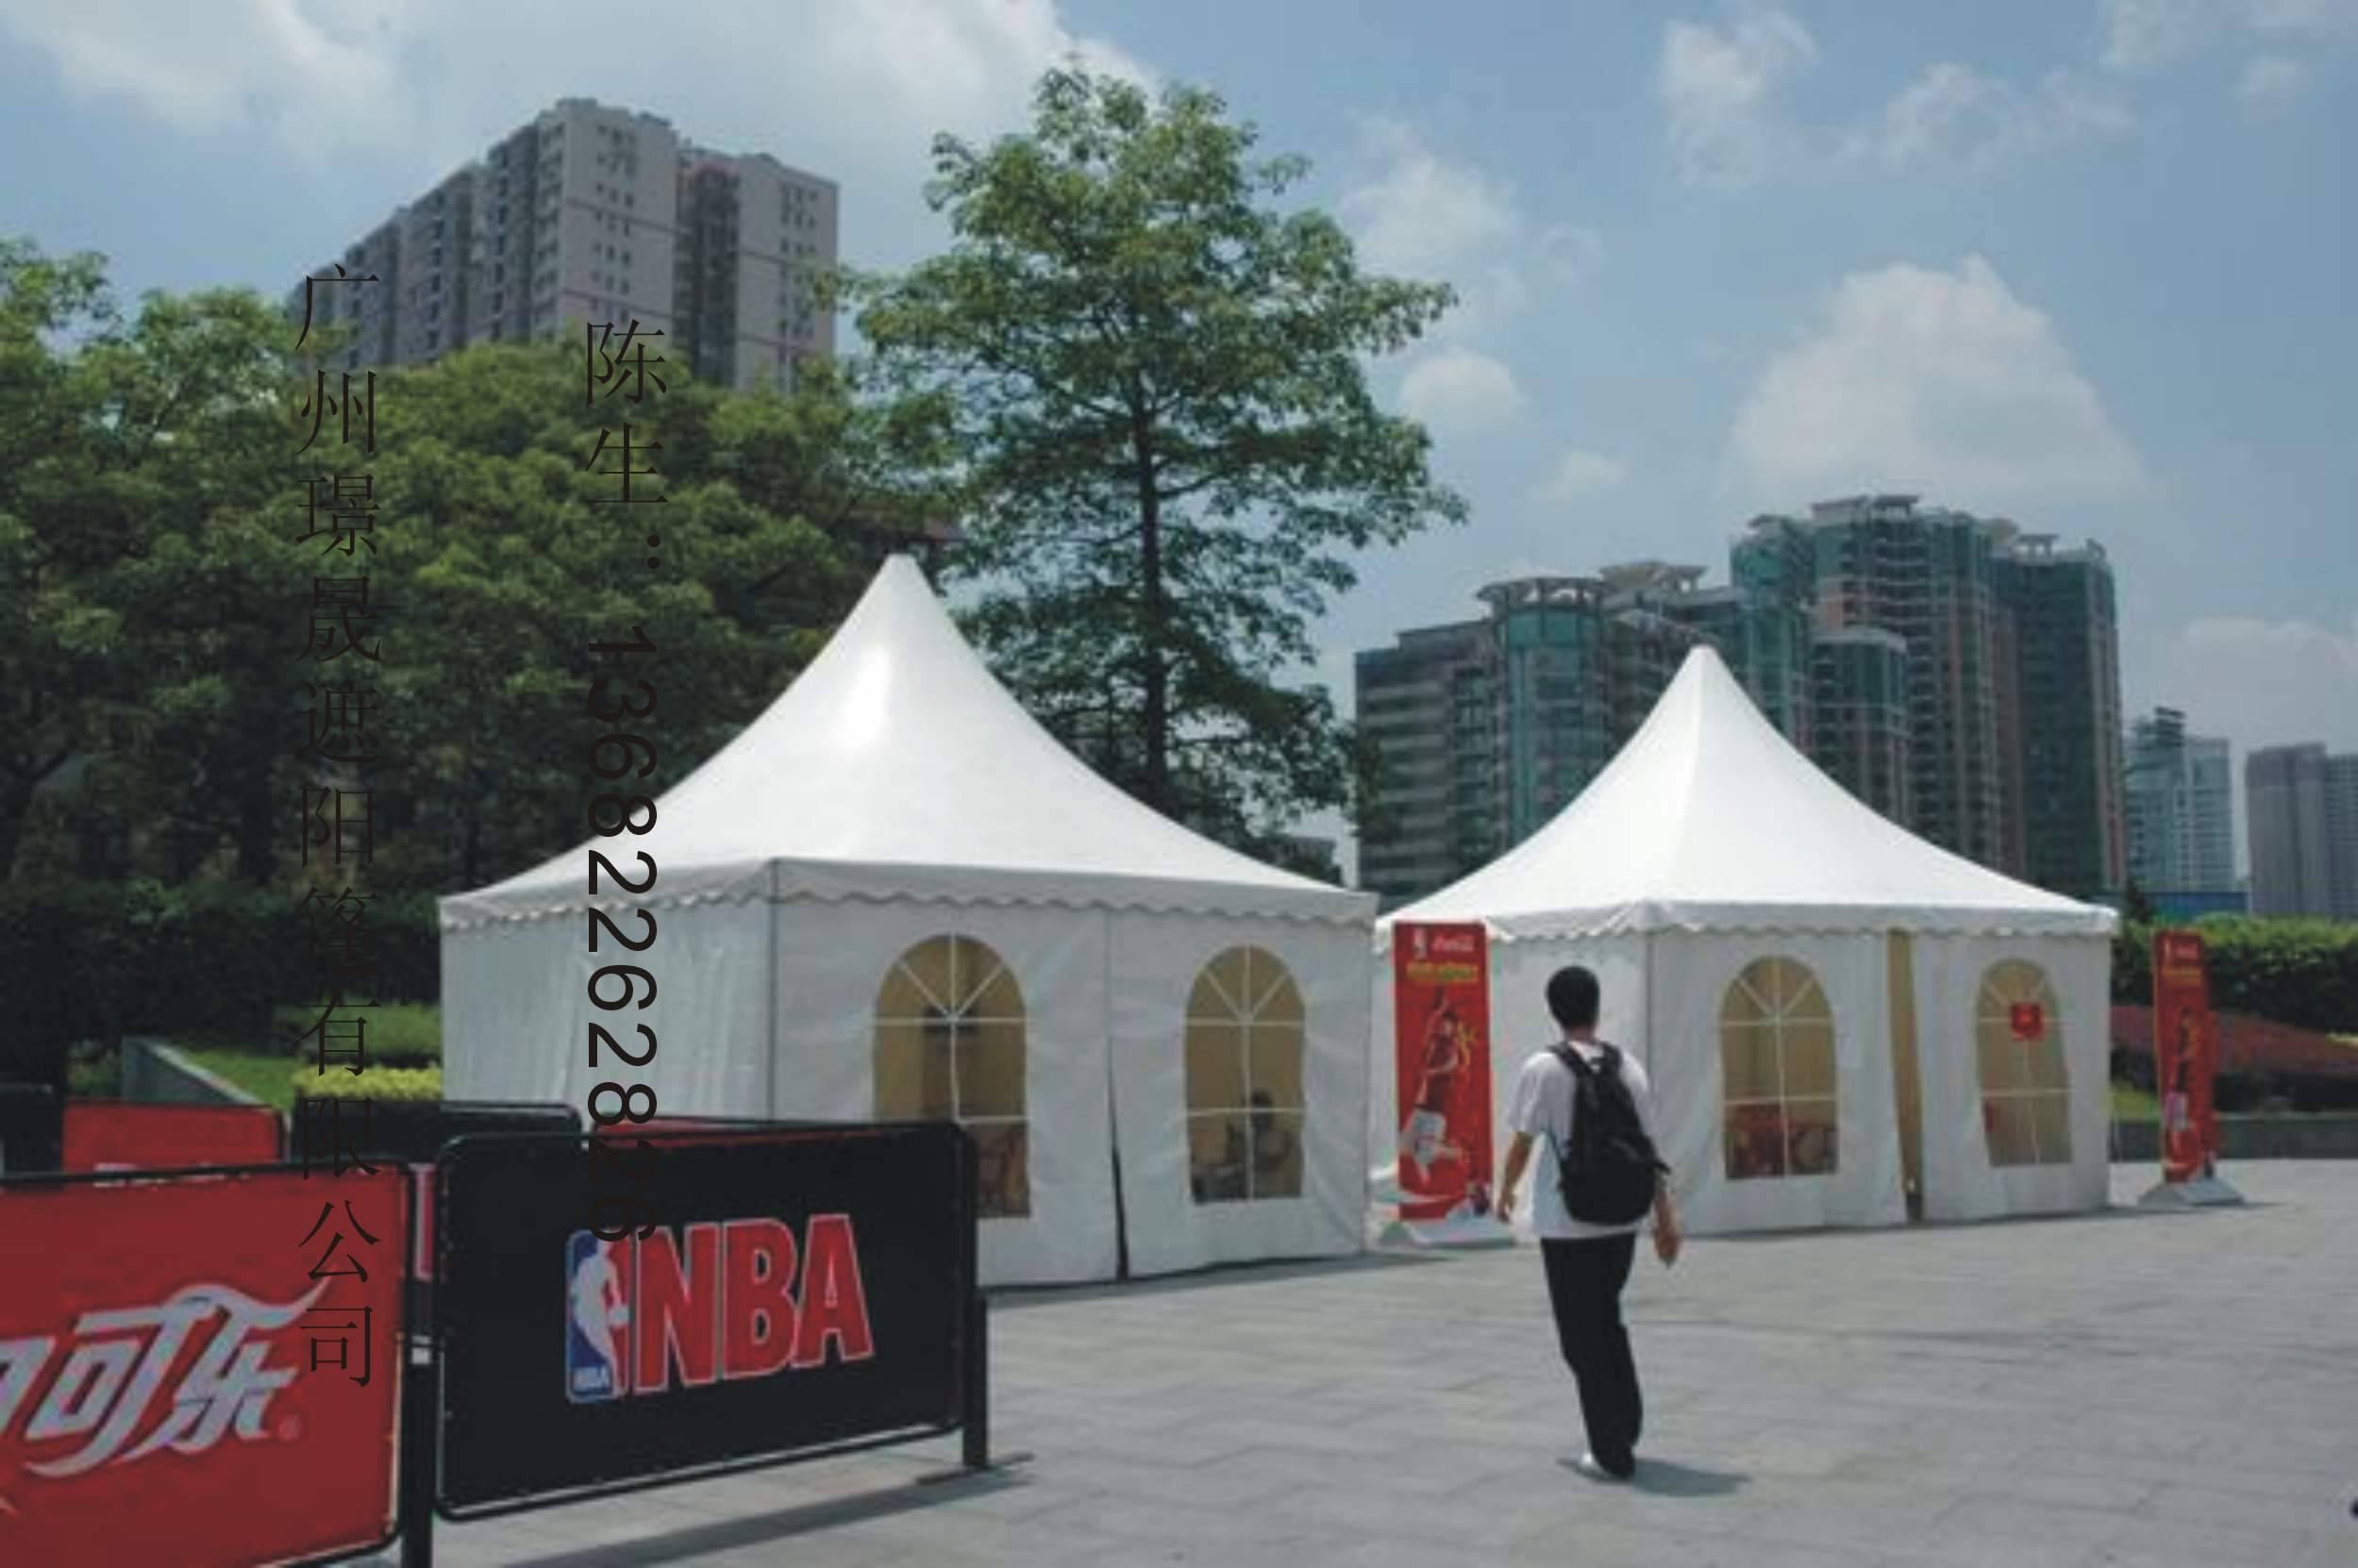 小型展览帐篷